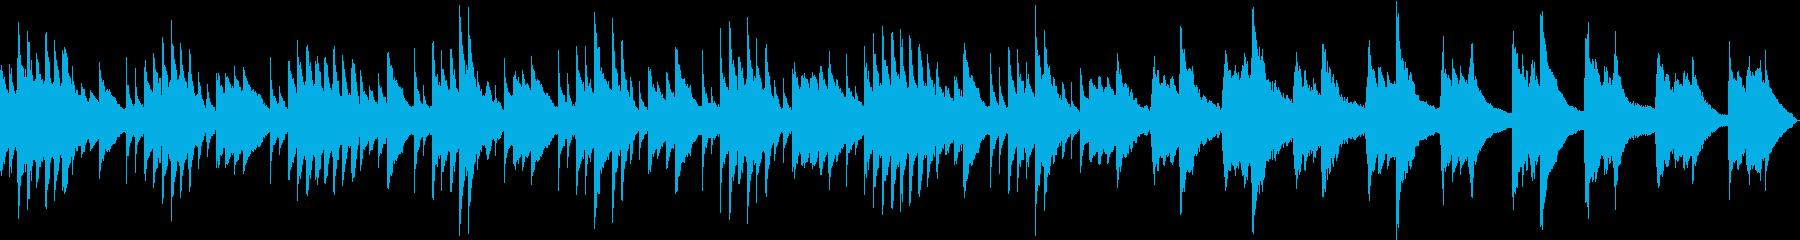 切なく穏やかなピアノソロ(ループ可)の再生済みの波形